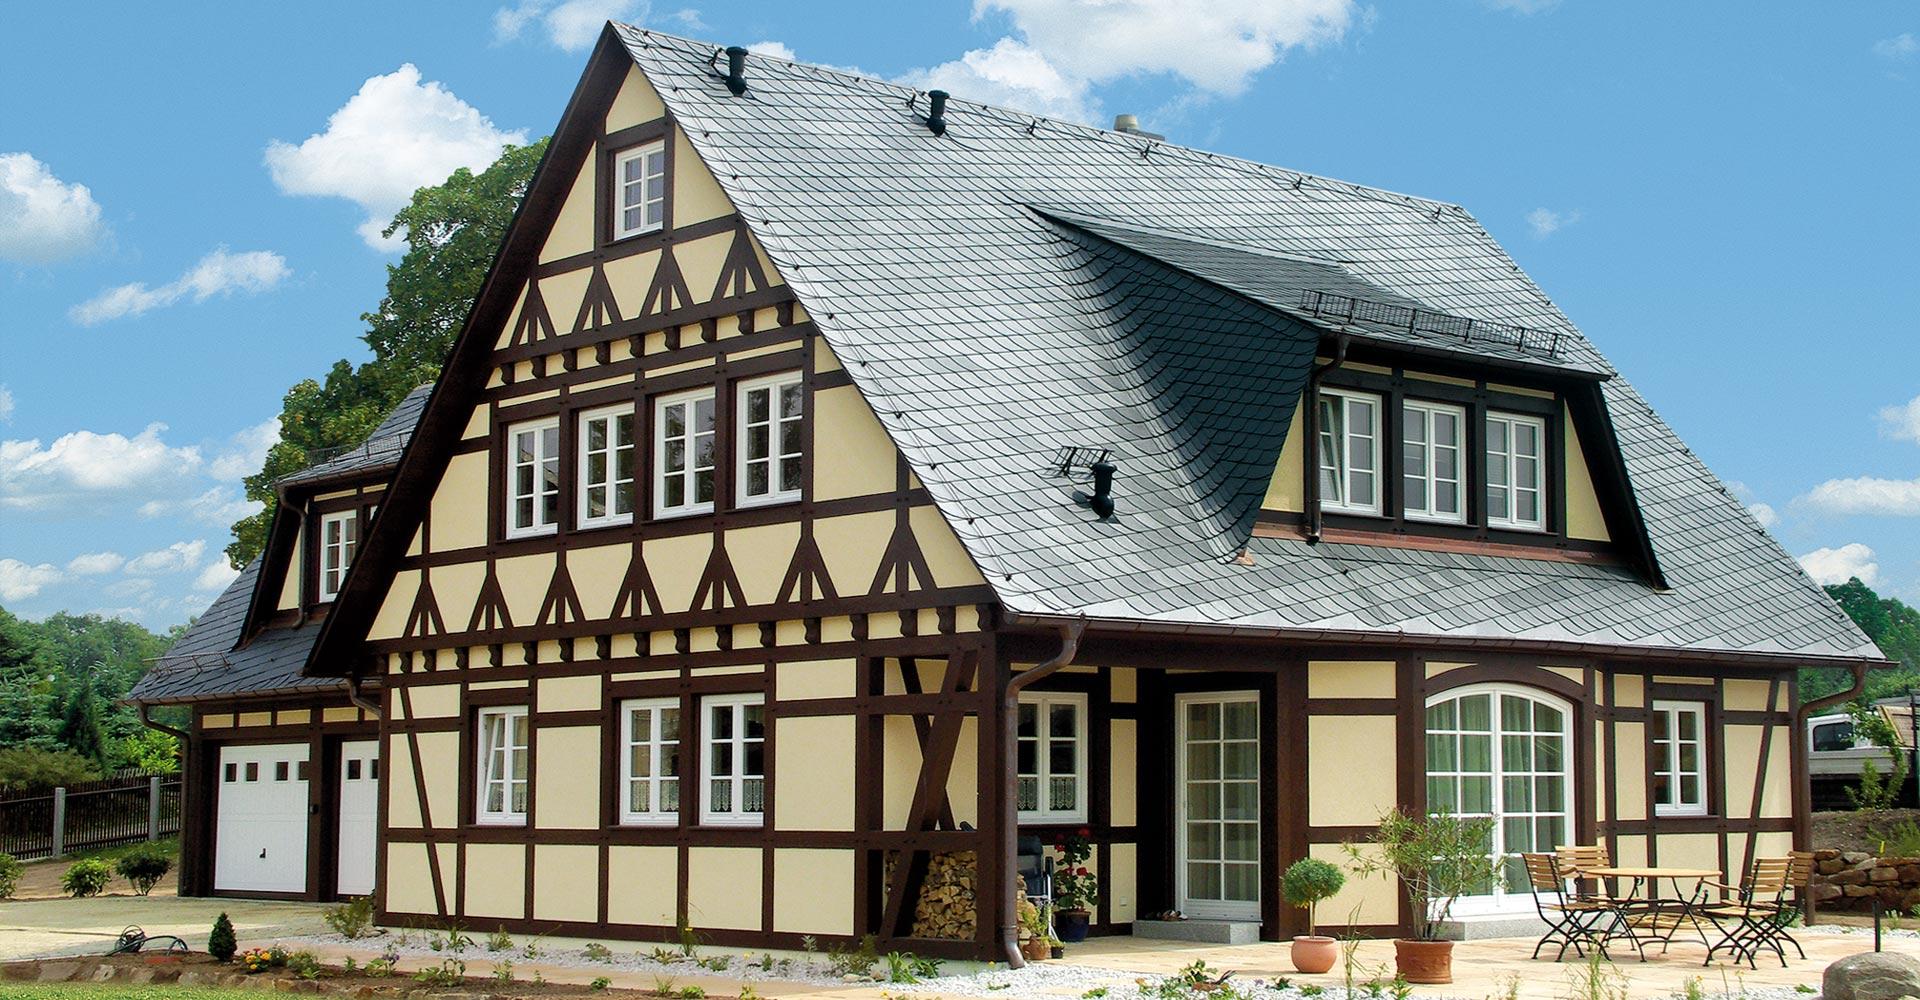 Wolkensteiner fachwerkhaus gmbh energieeffizient bauen for Fachwerkhaus konstruktion